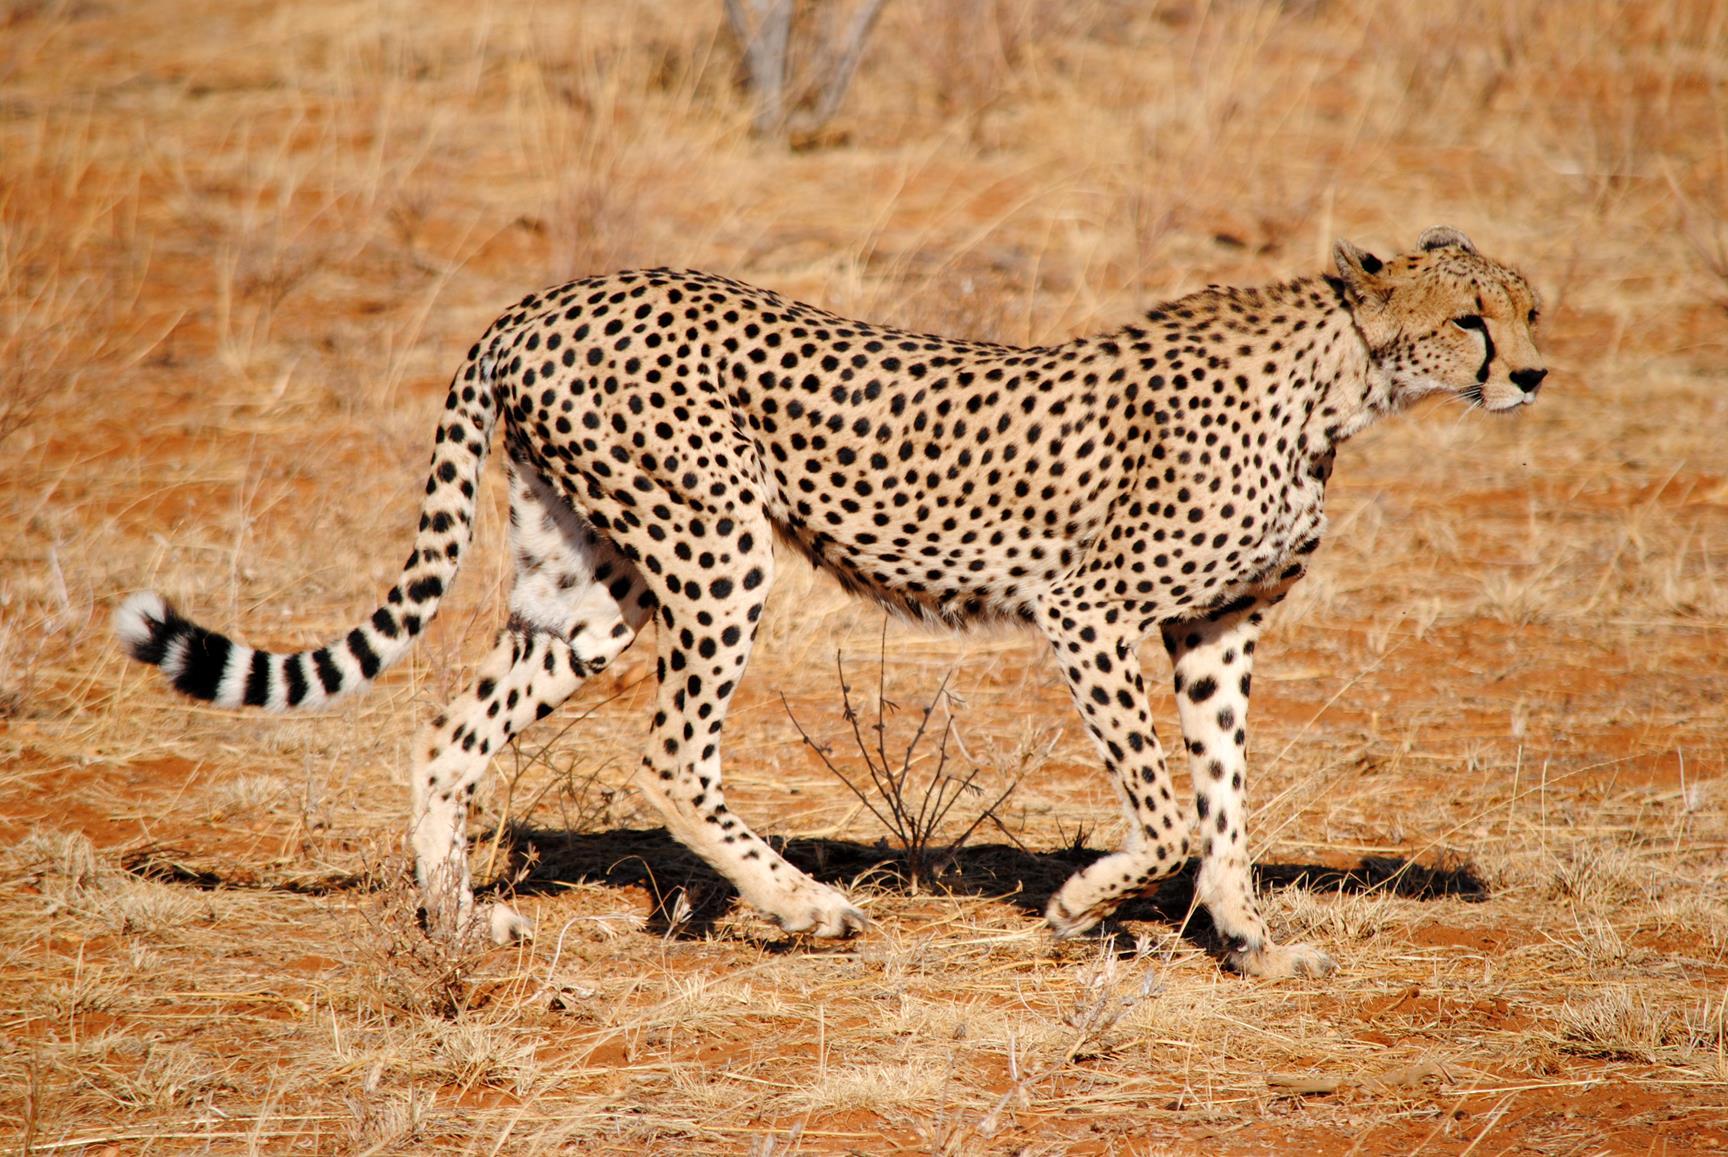 guepardo-samburu-kenya-1